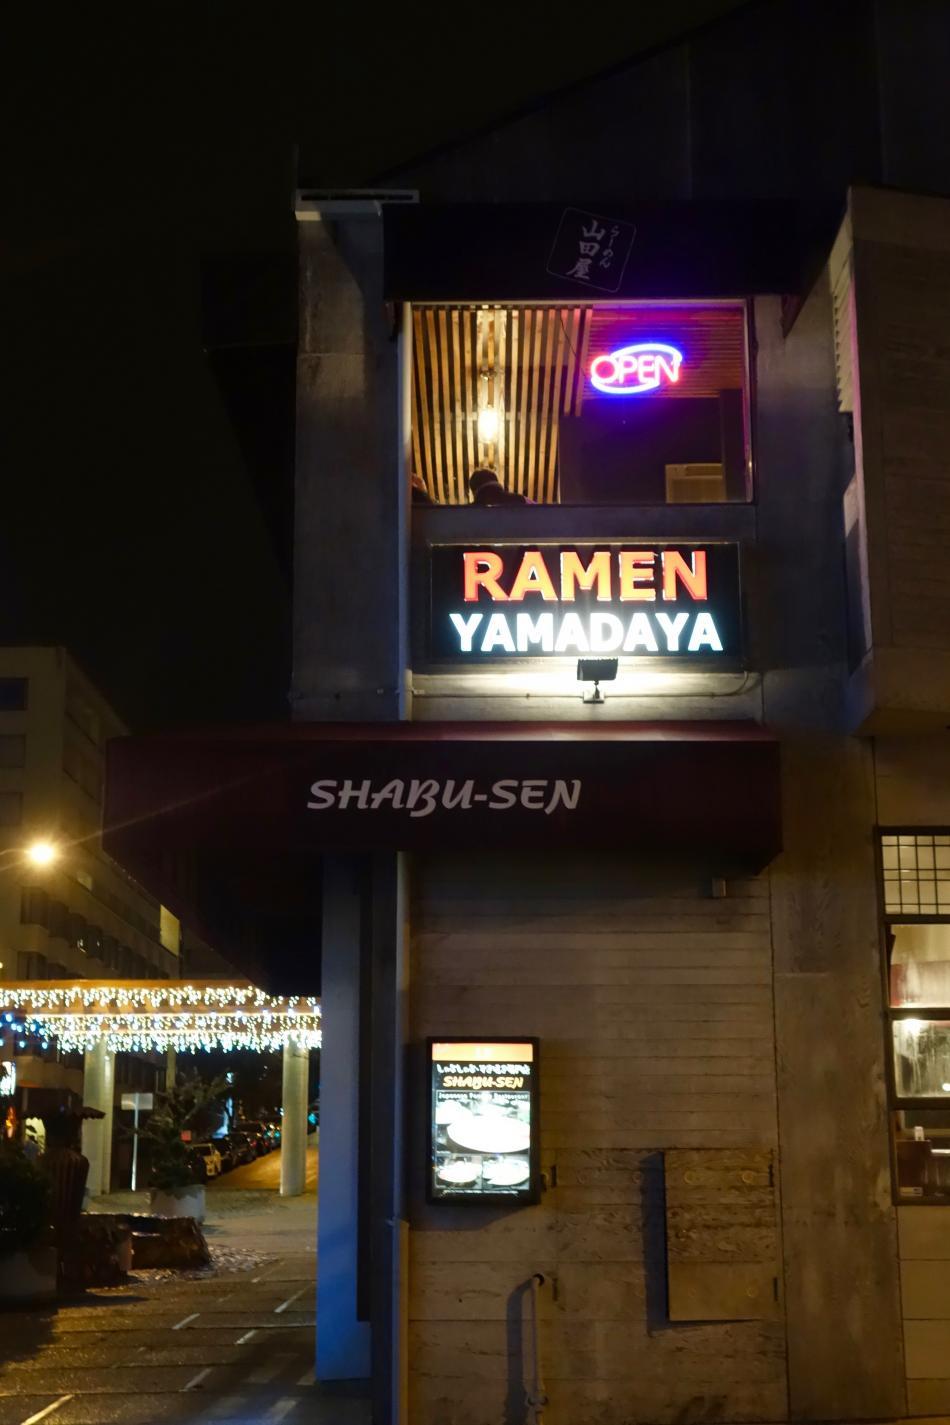 Ramen Yamadaya